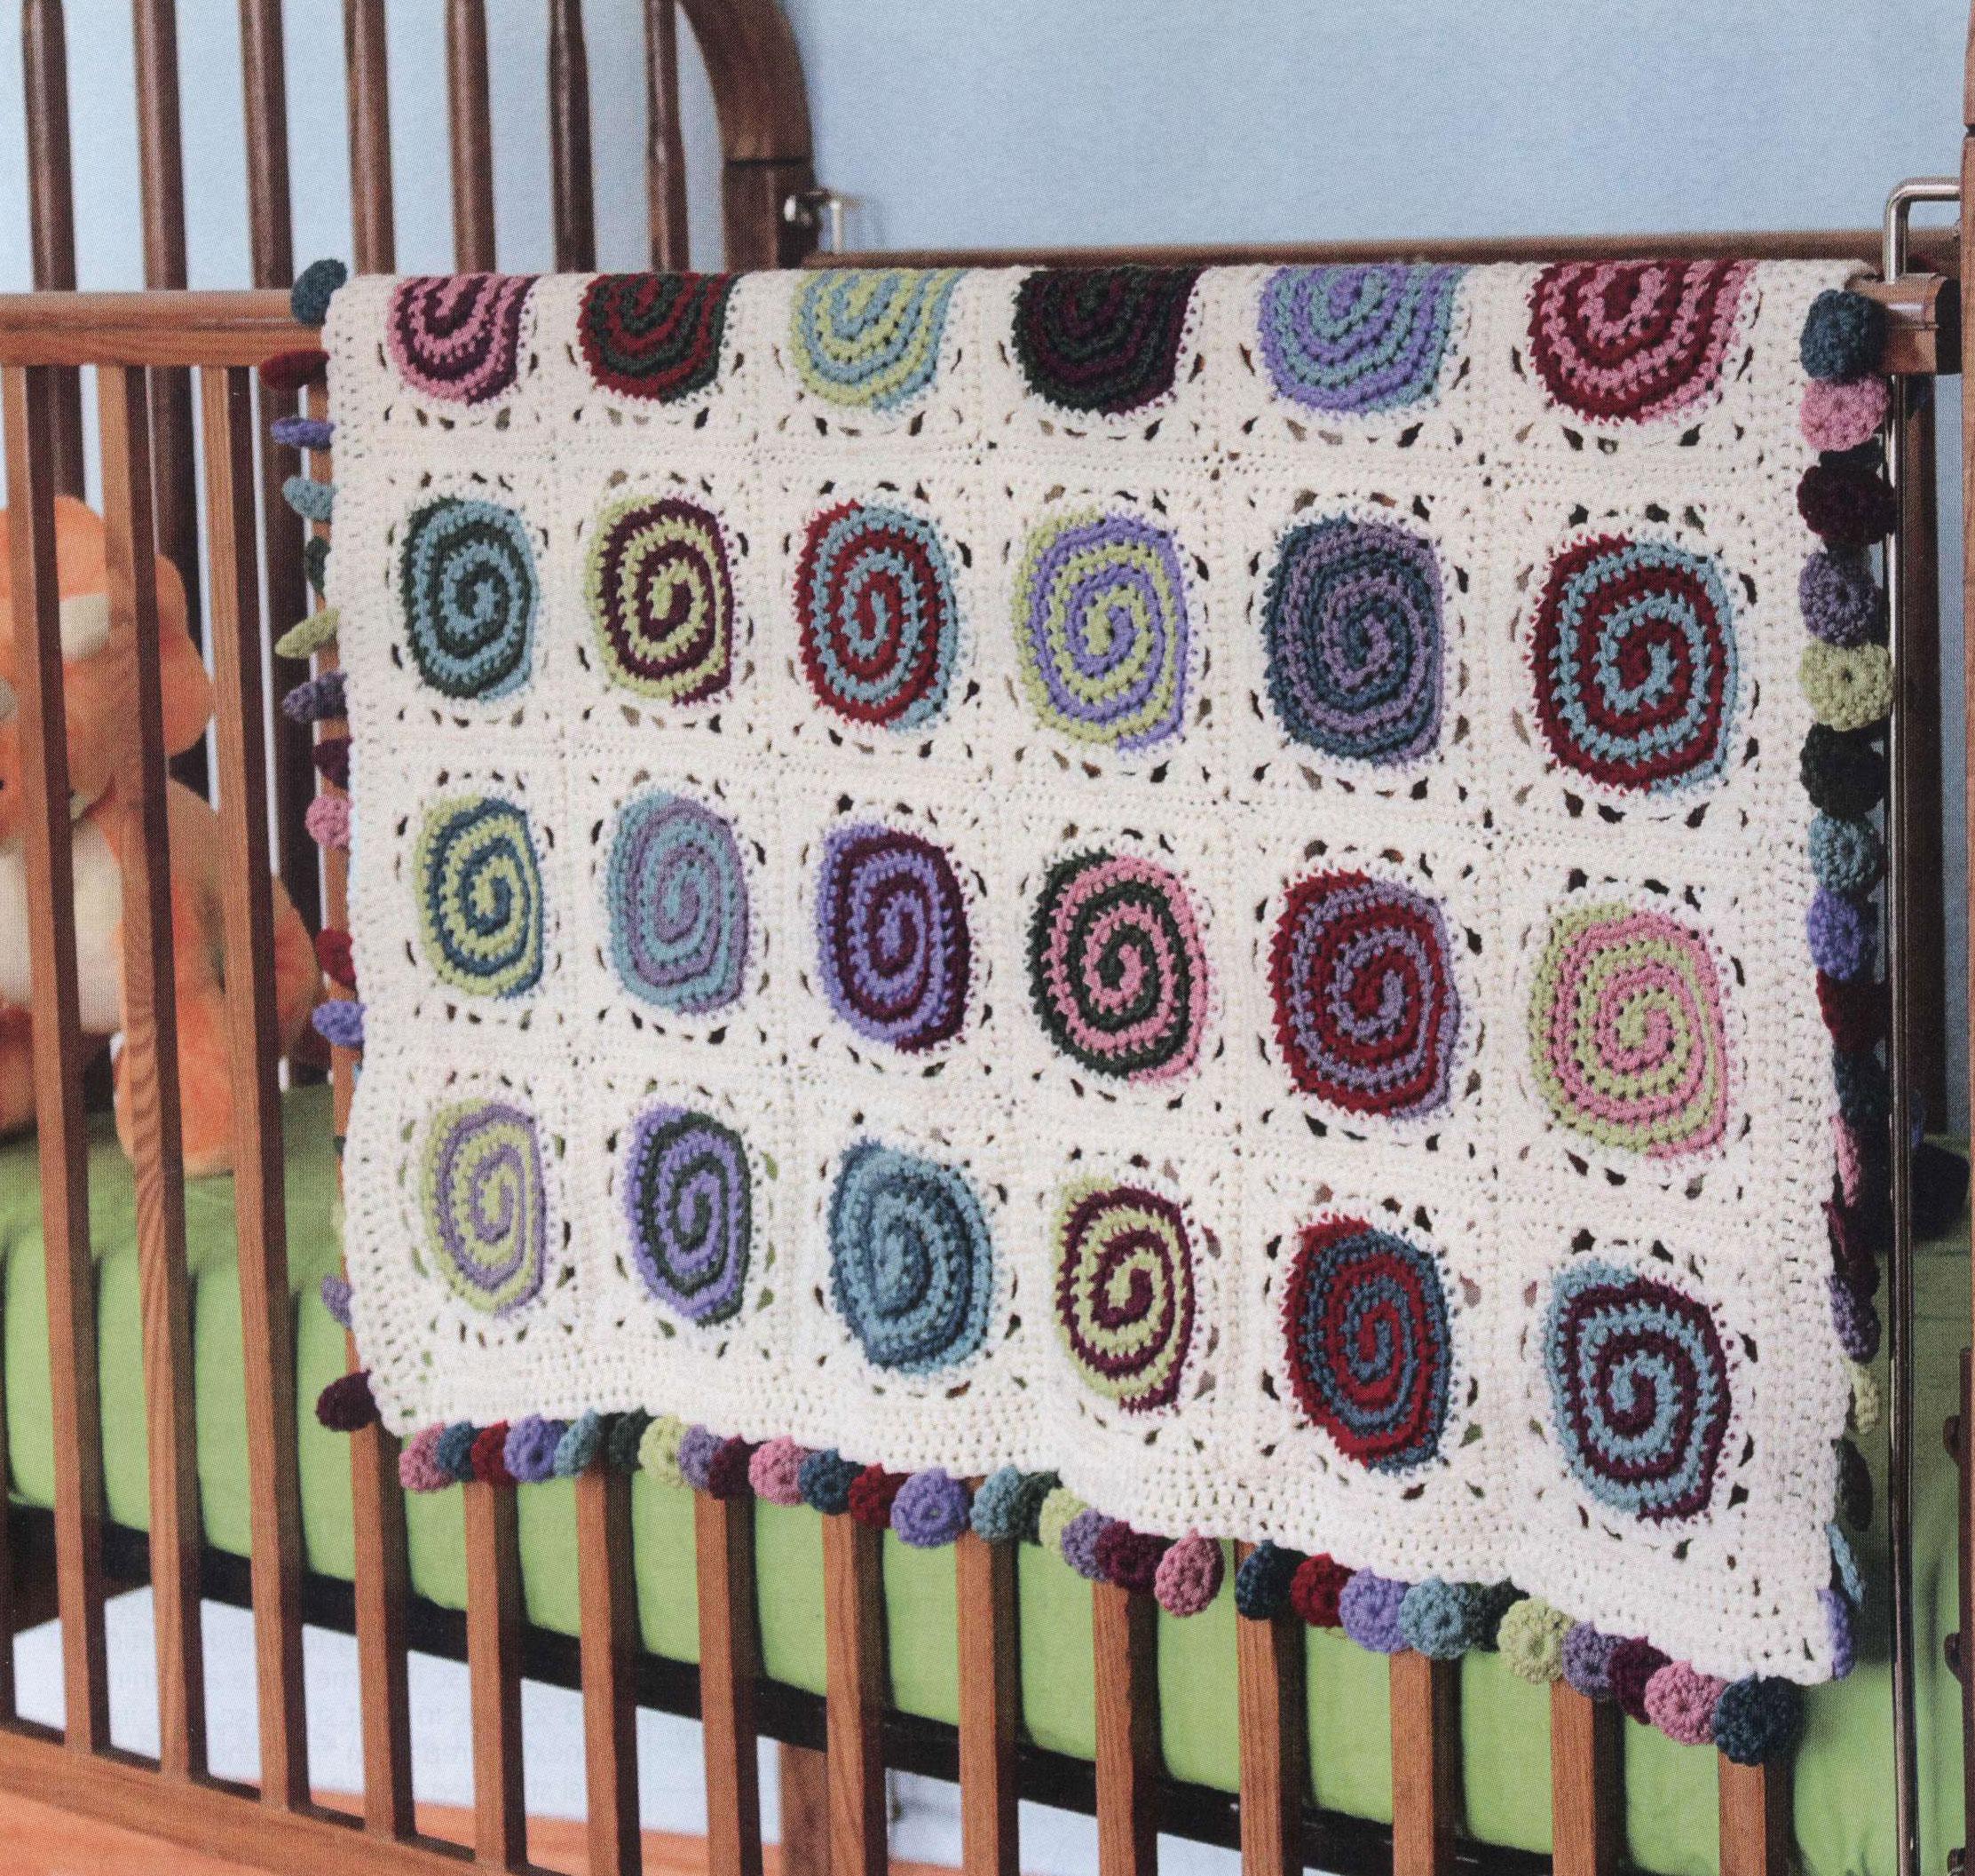 Modern Swirls Crochet Blanket ⋆ Crochet Kingdom